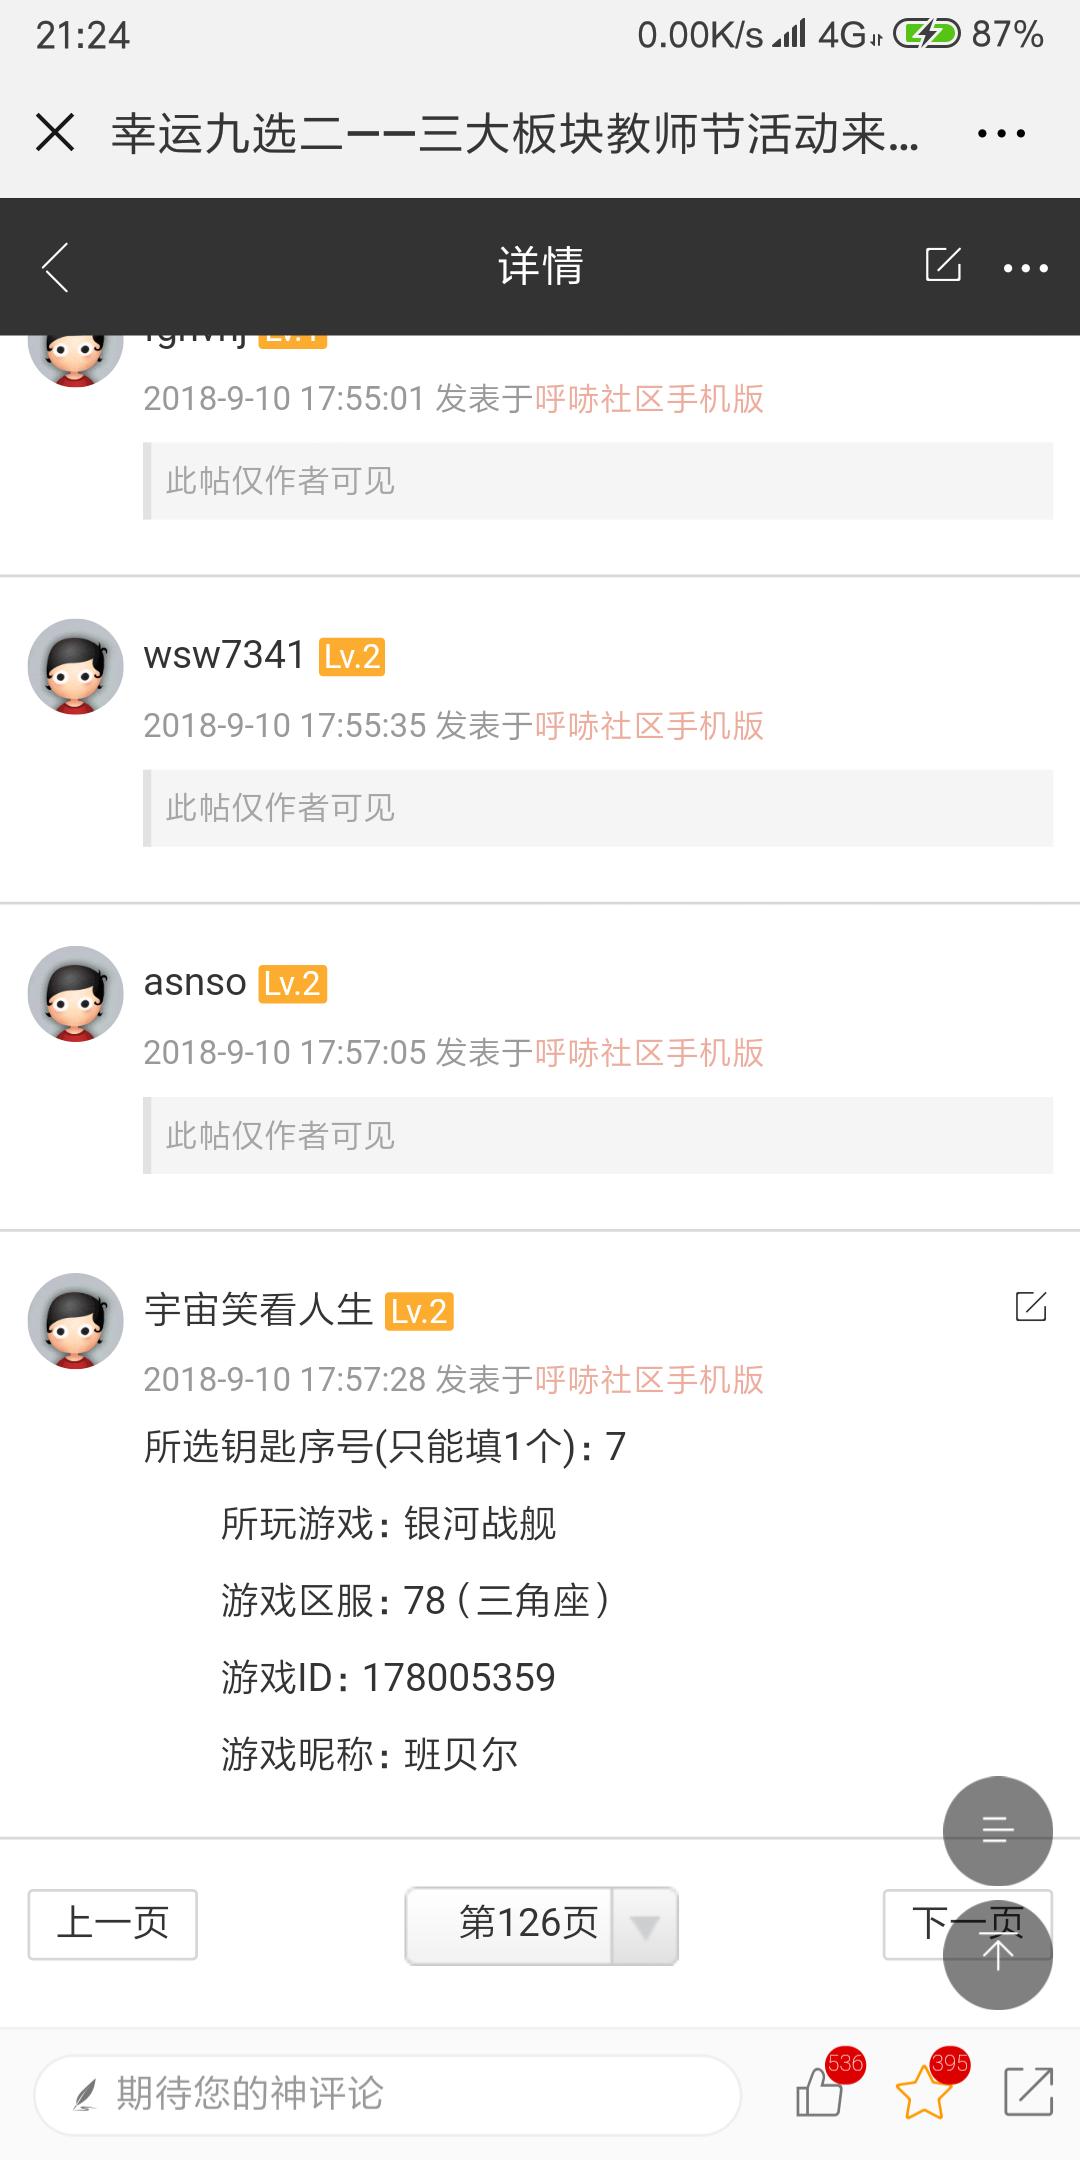 Screenshot_2018-09-19-21-24-05-263_com.tencent.mm.png